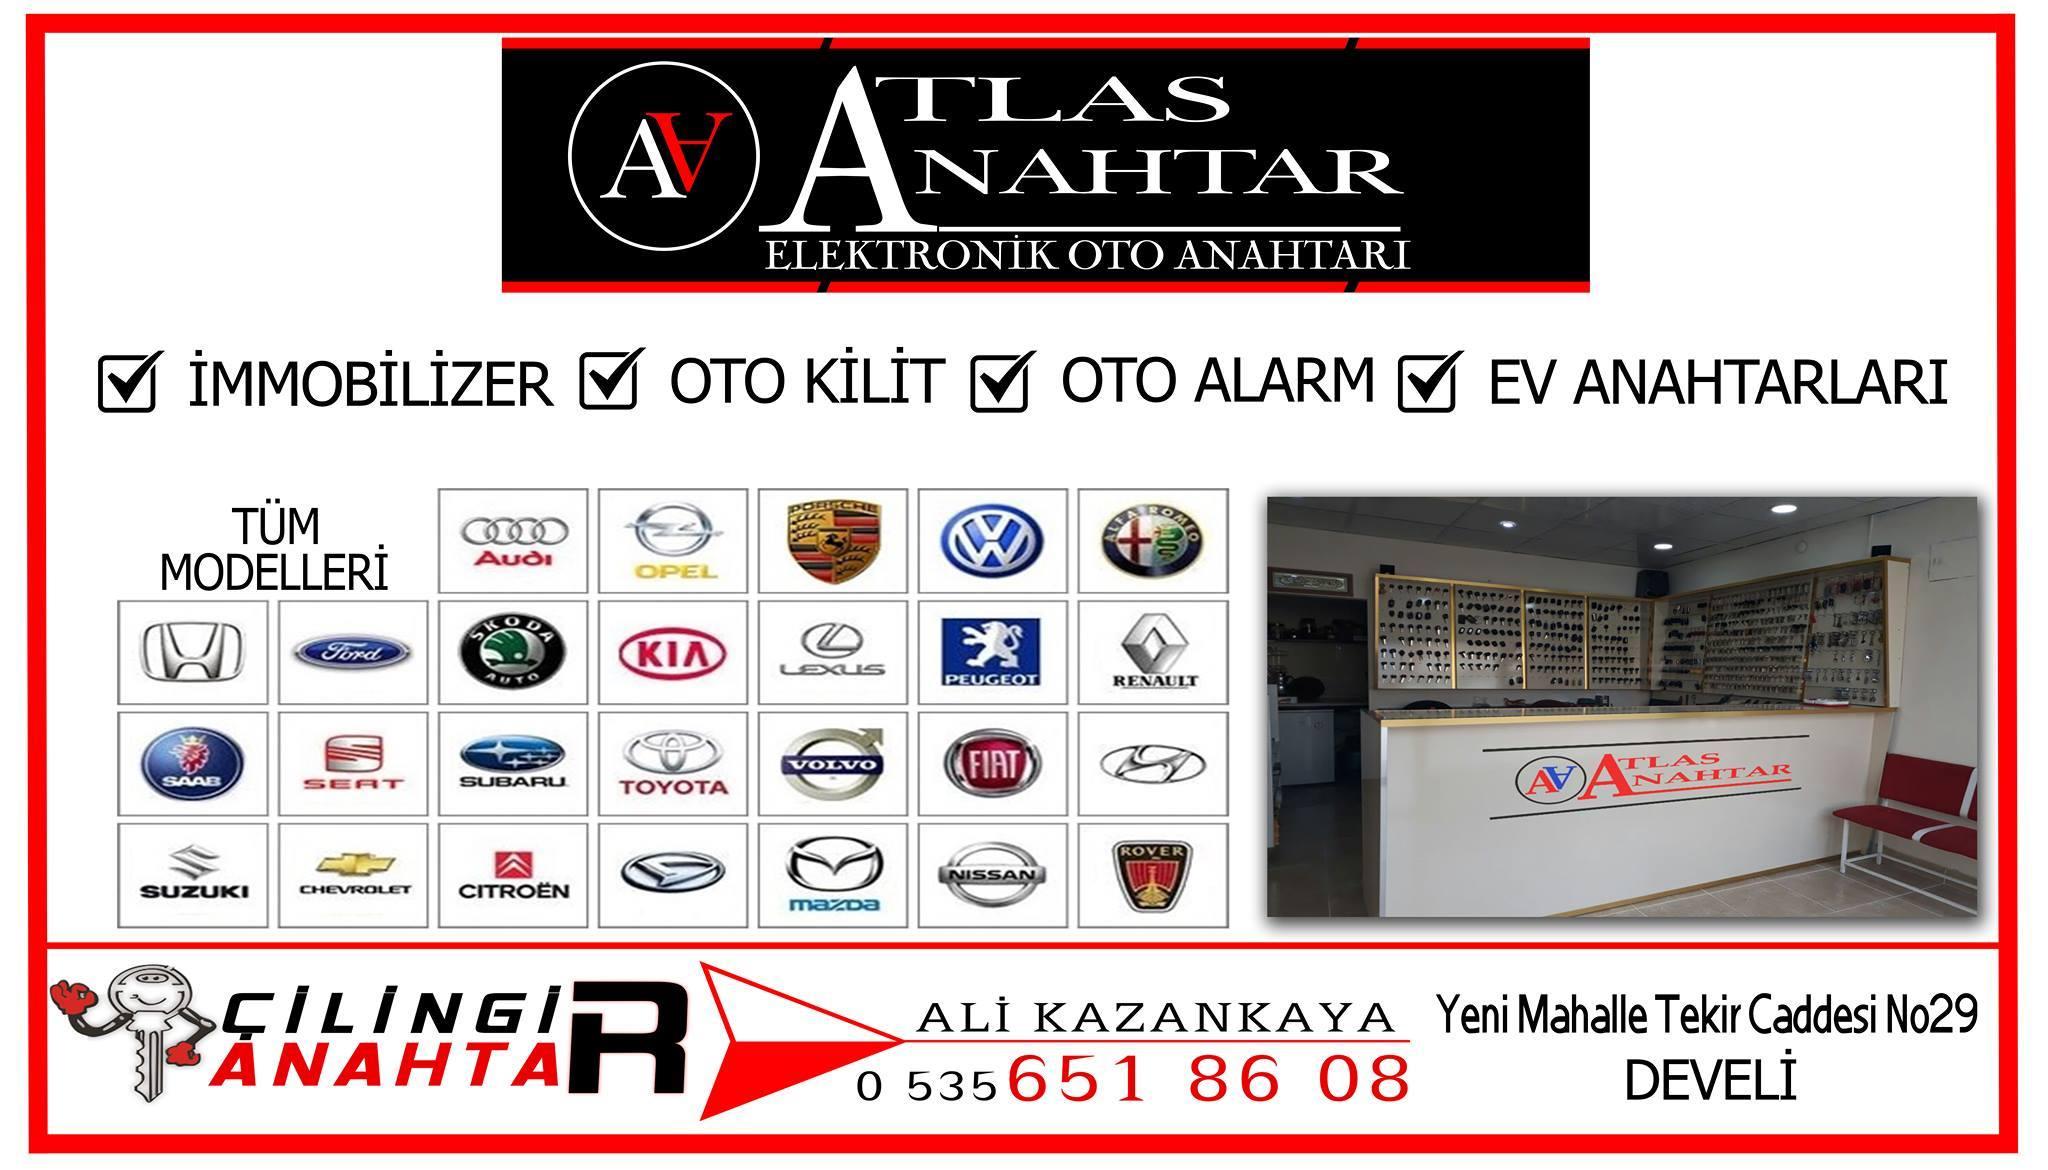 ATLAS ANAHTAR